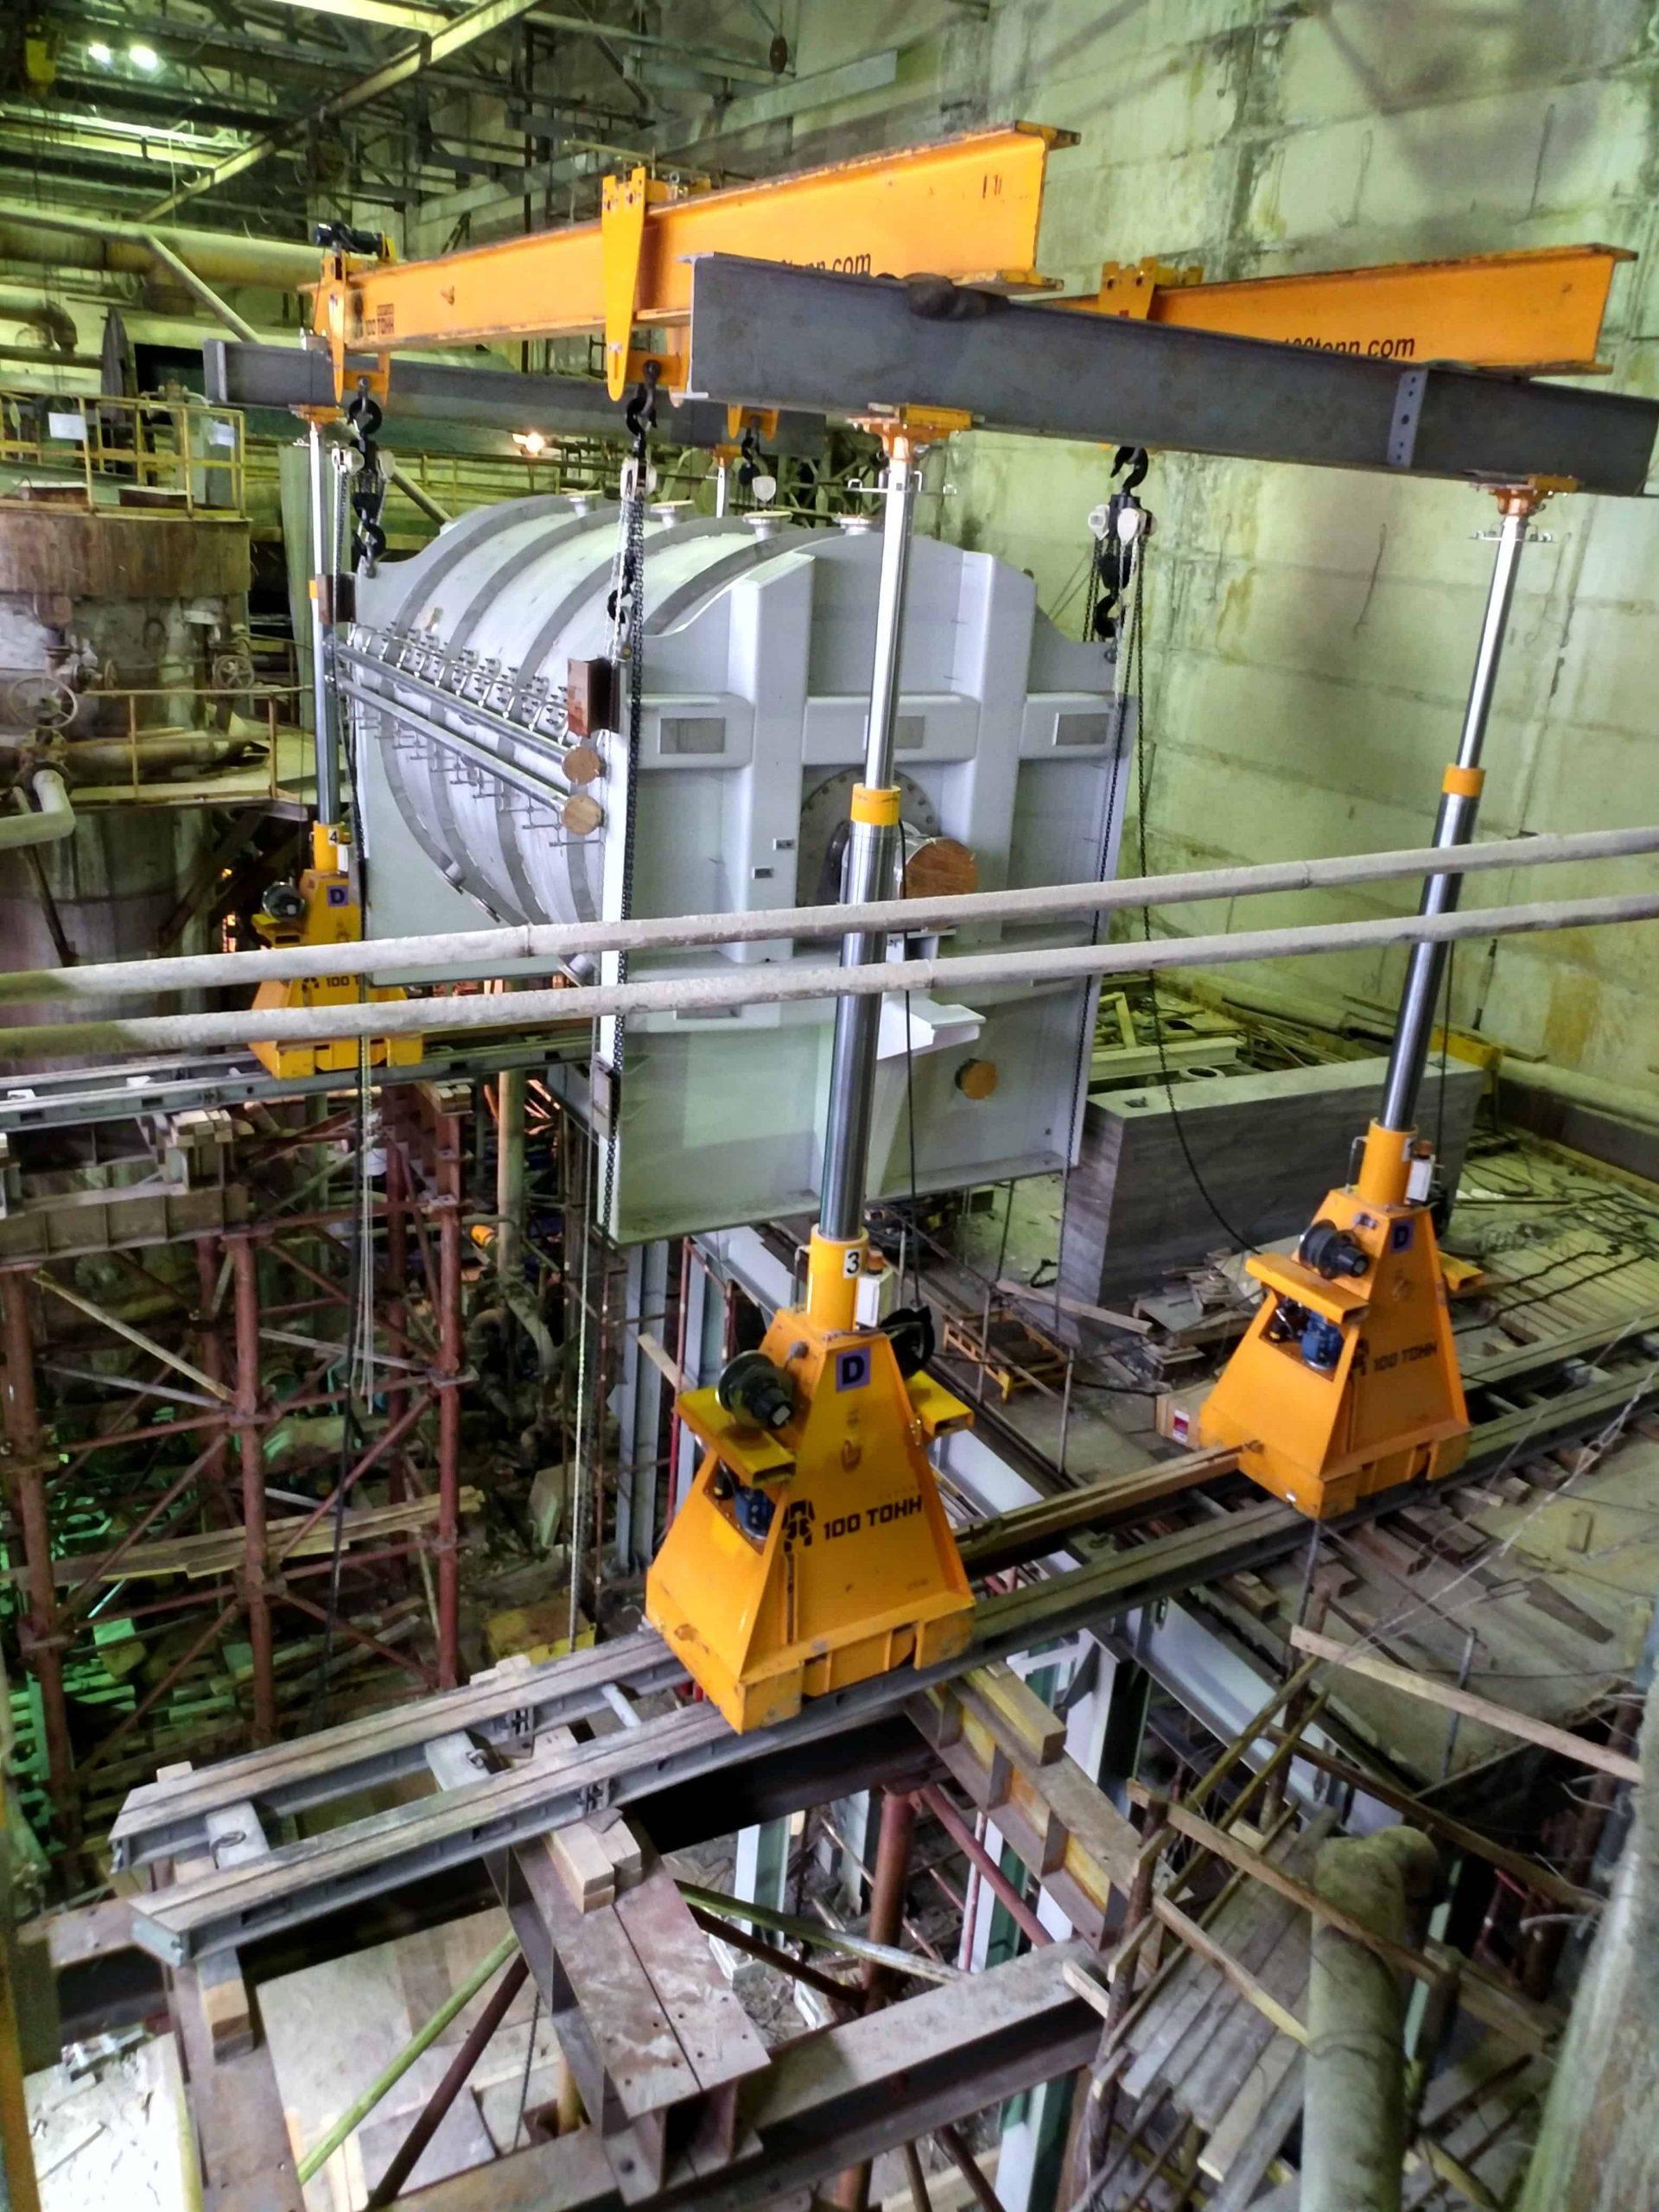 Монтаж оборудования ЦБК требует подробного технического задания